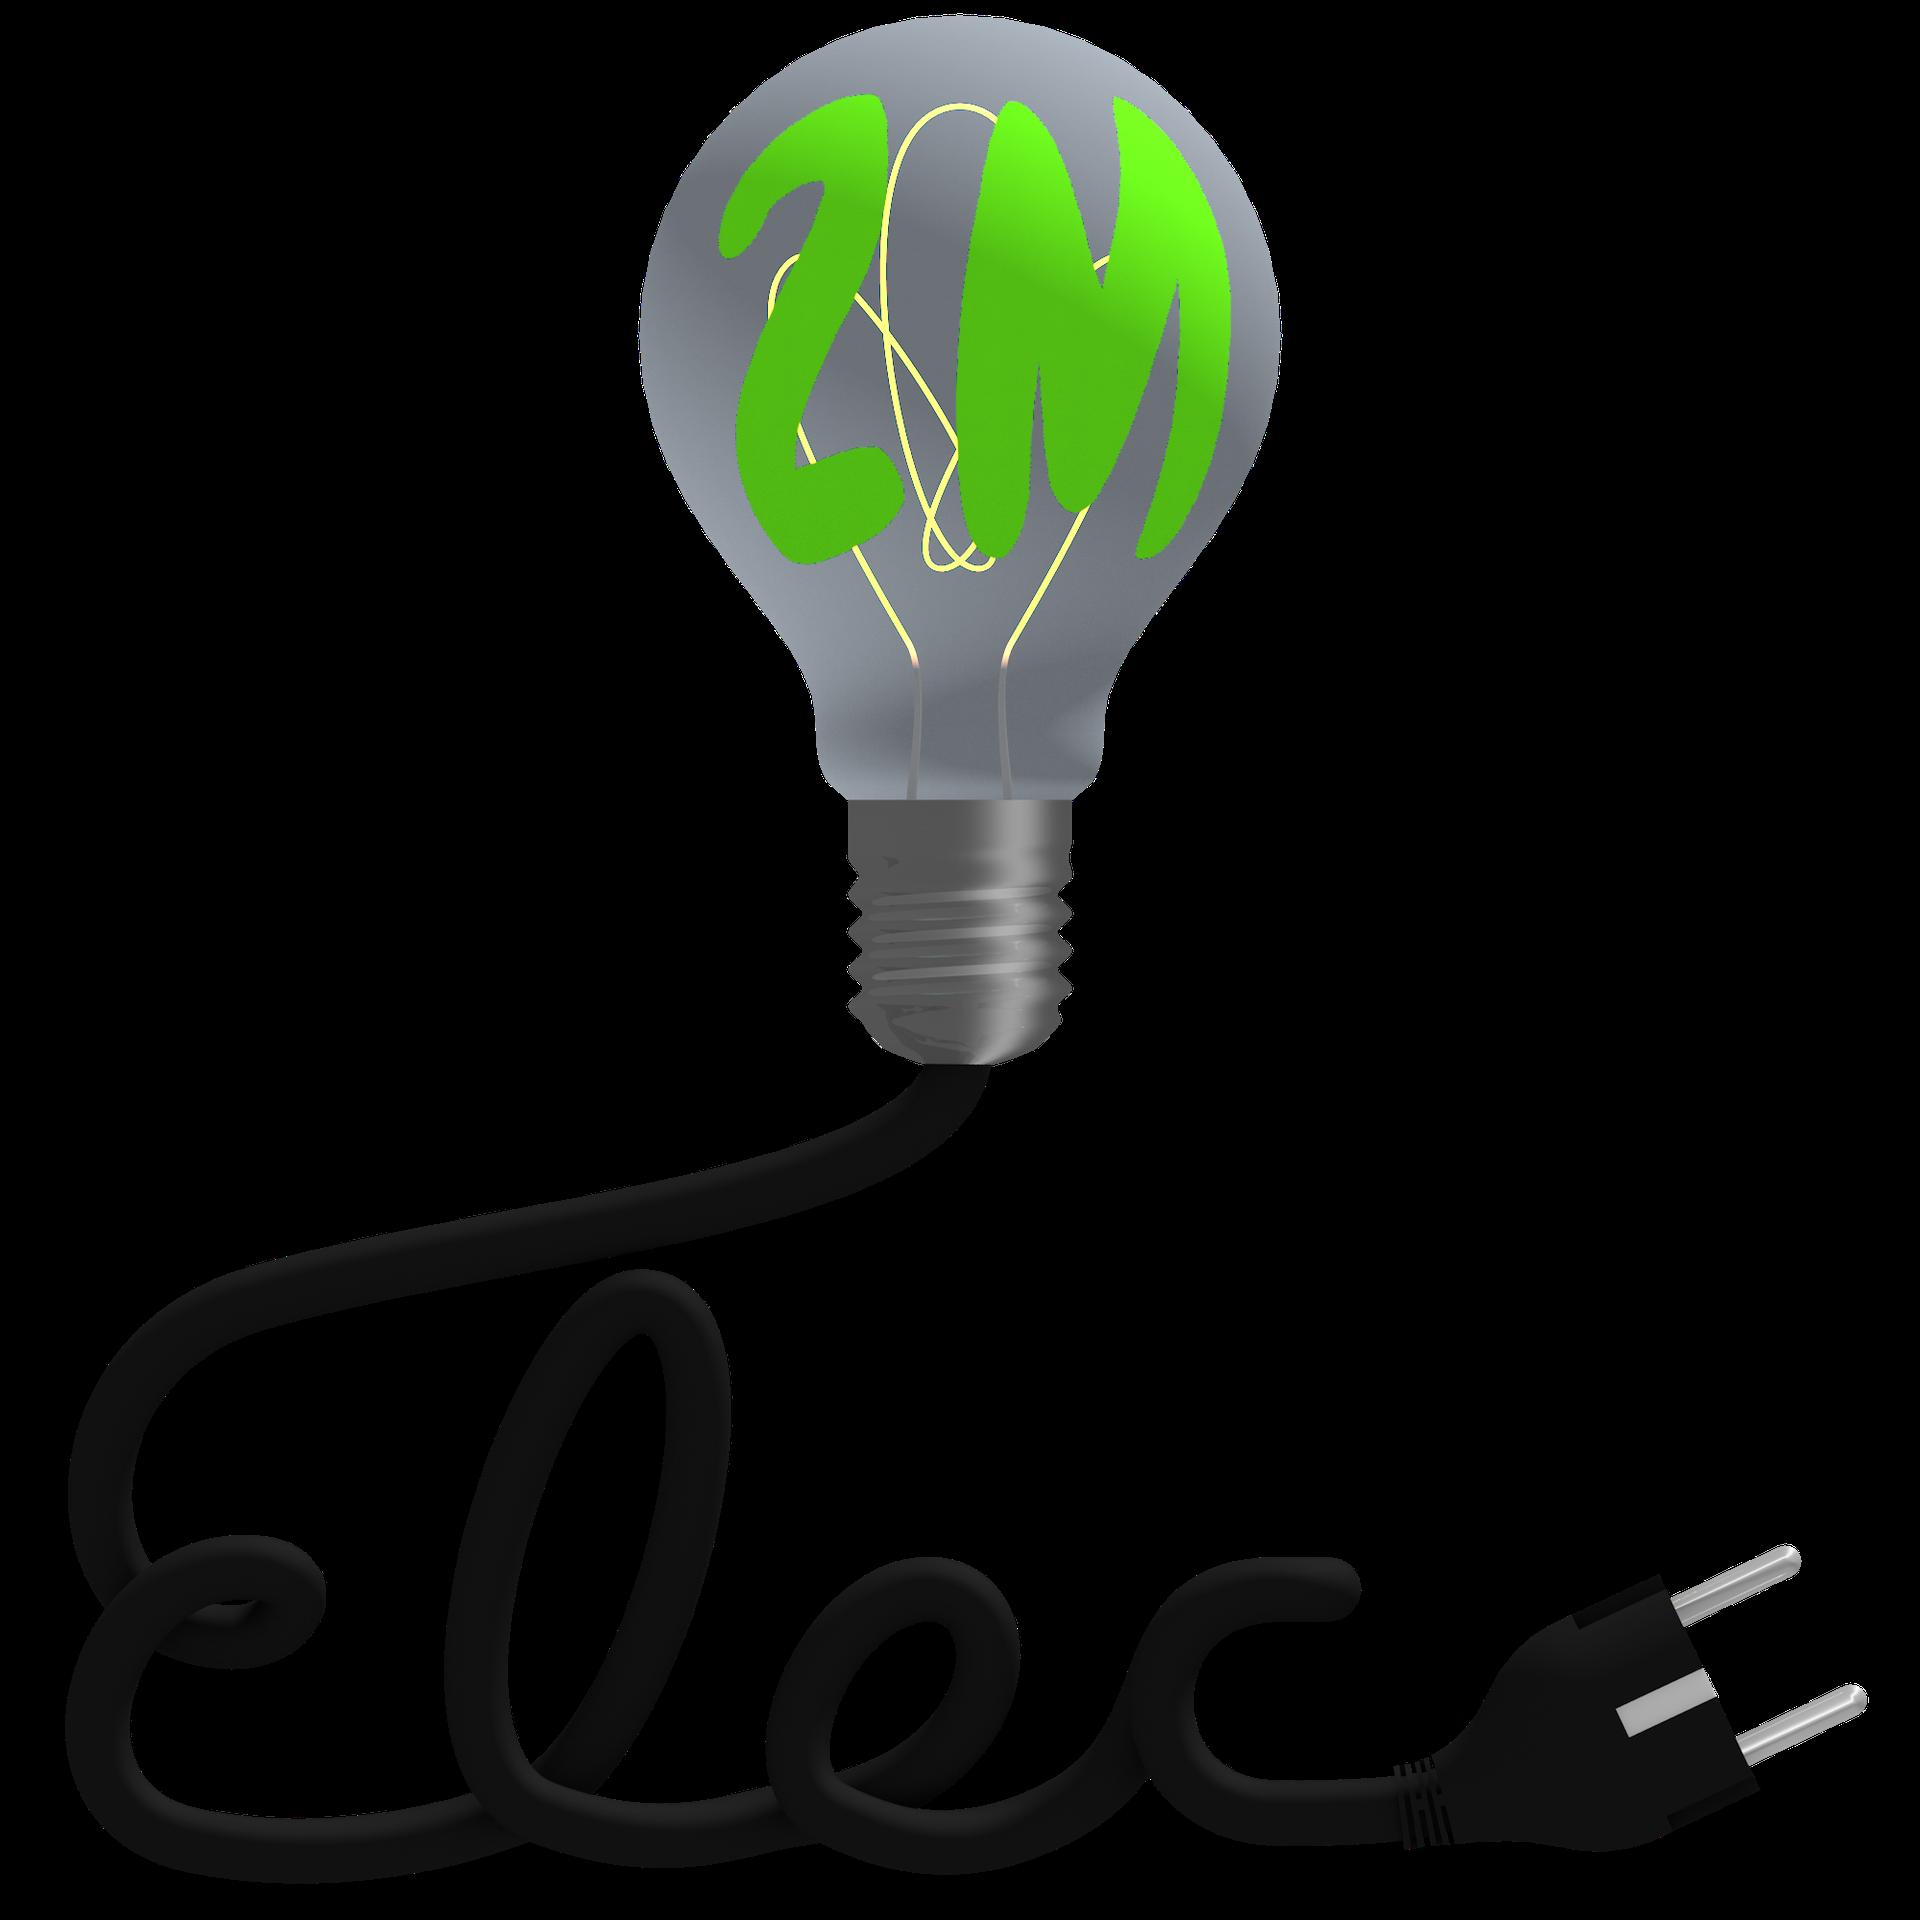 2M Elec électricité générale (entreprise)